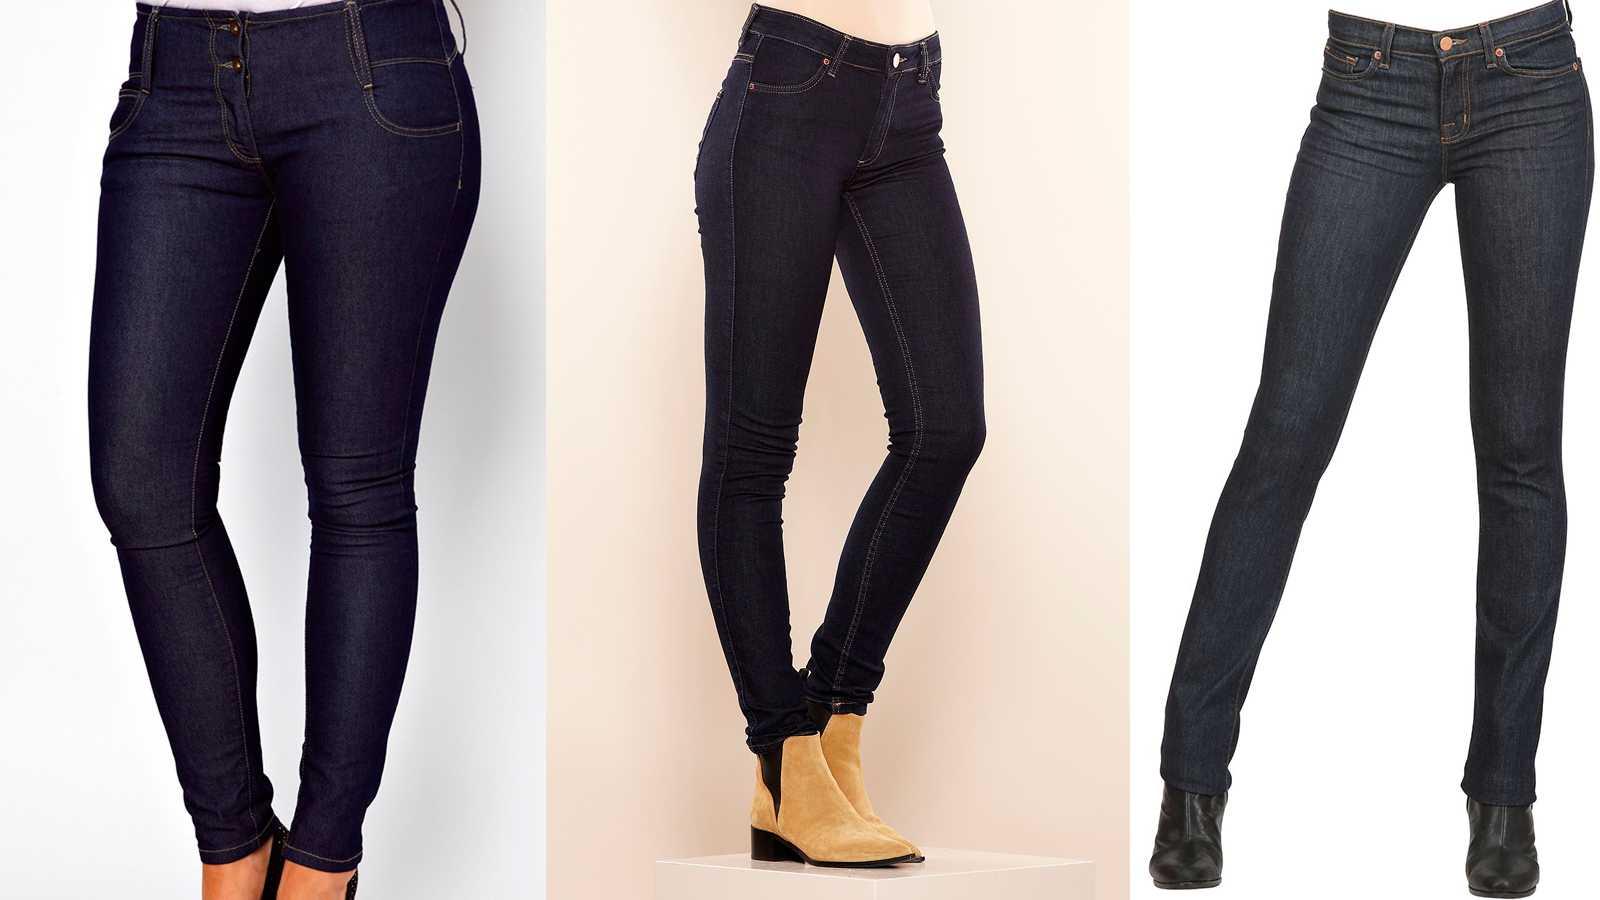 d470d01542a Perfekta jeans från budget till lyx   Aftonbladet